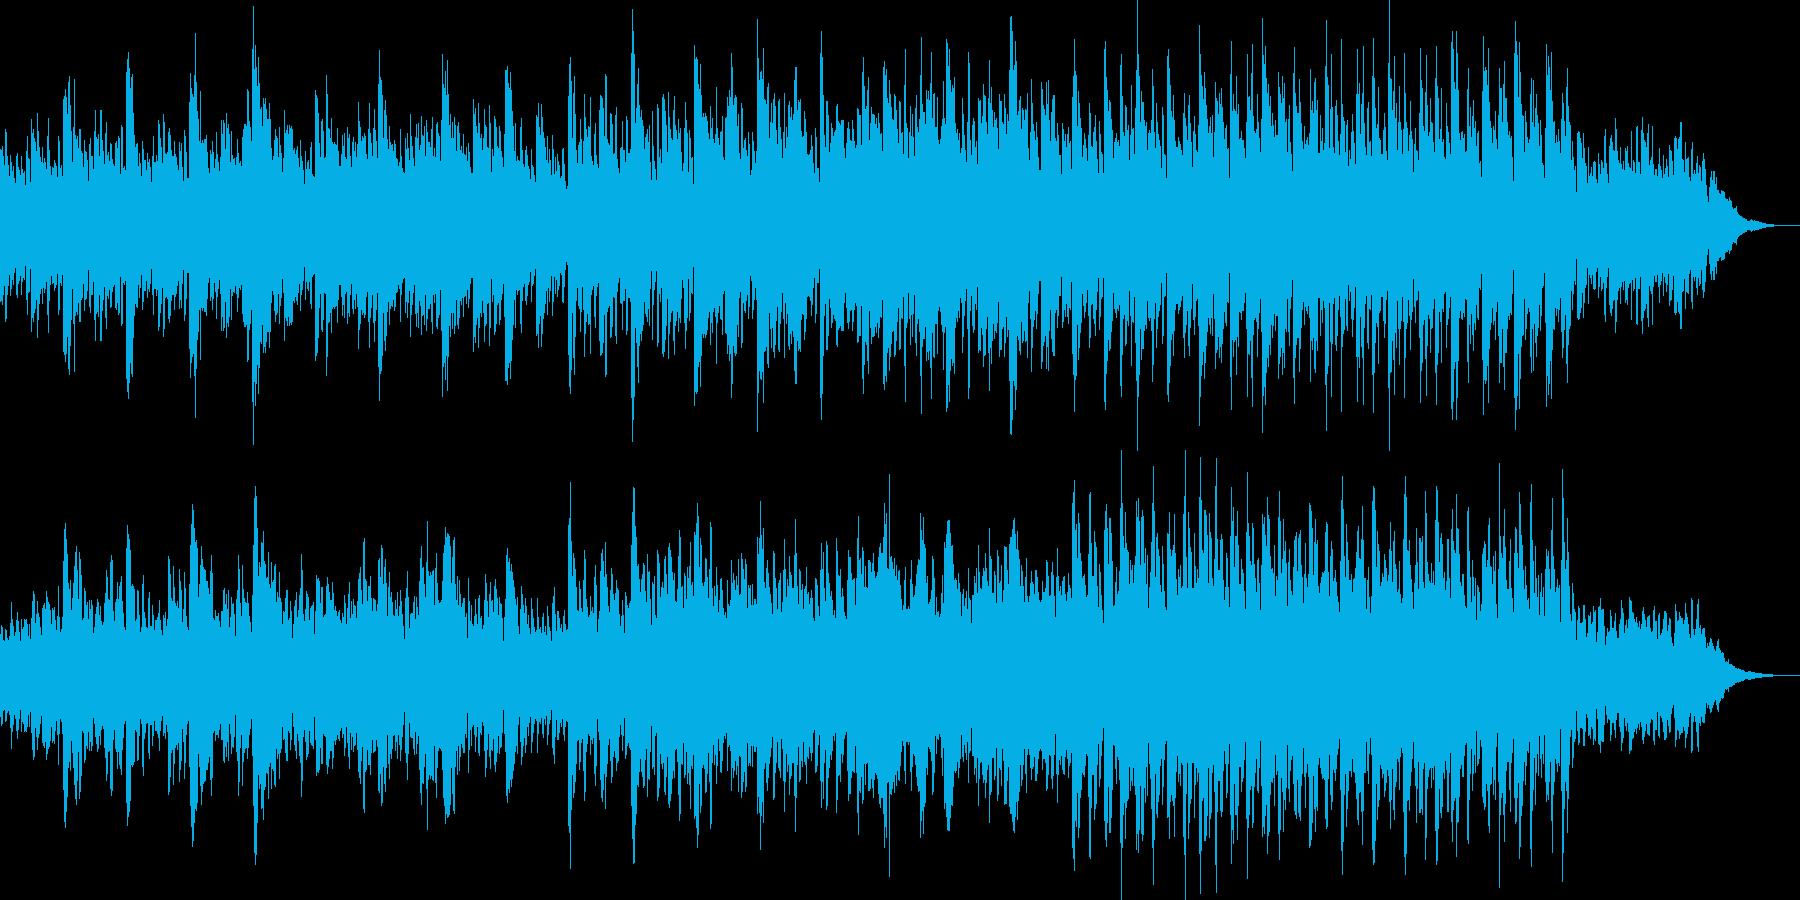 爽やかで穏やかな不思議な雰囲気の曲の再生済みの波形